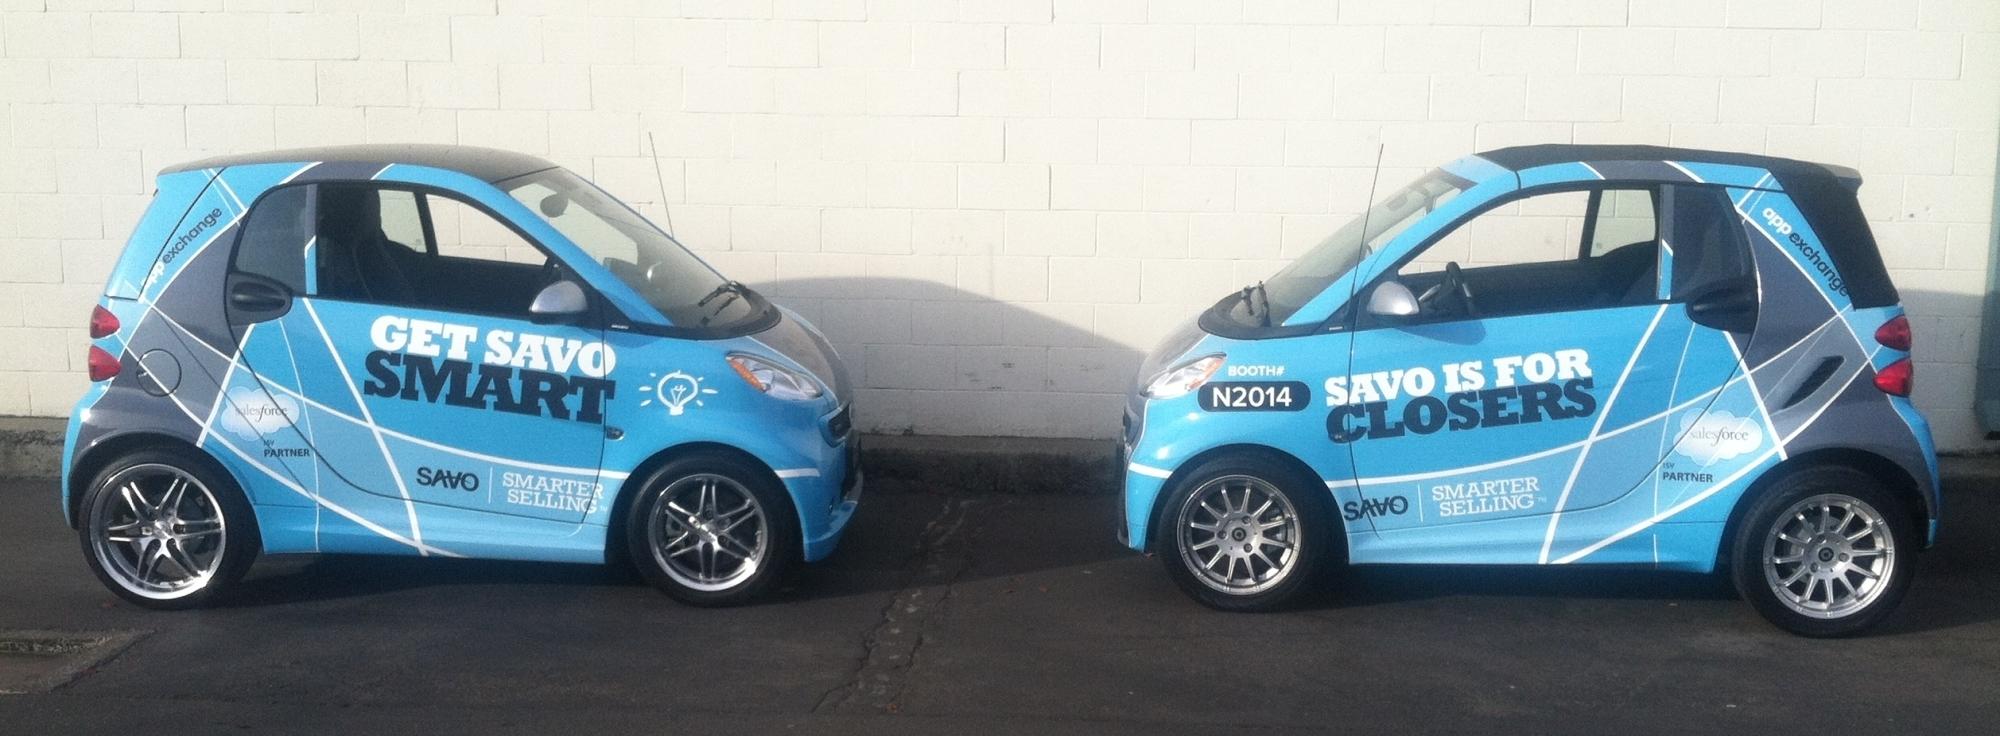 Ziemlich Smart Car Wrap Vorlage Bilder - Beispiel Business ...